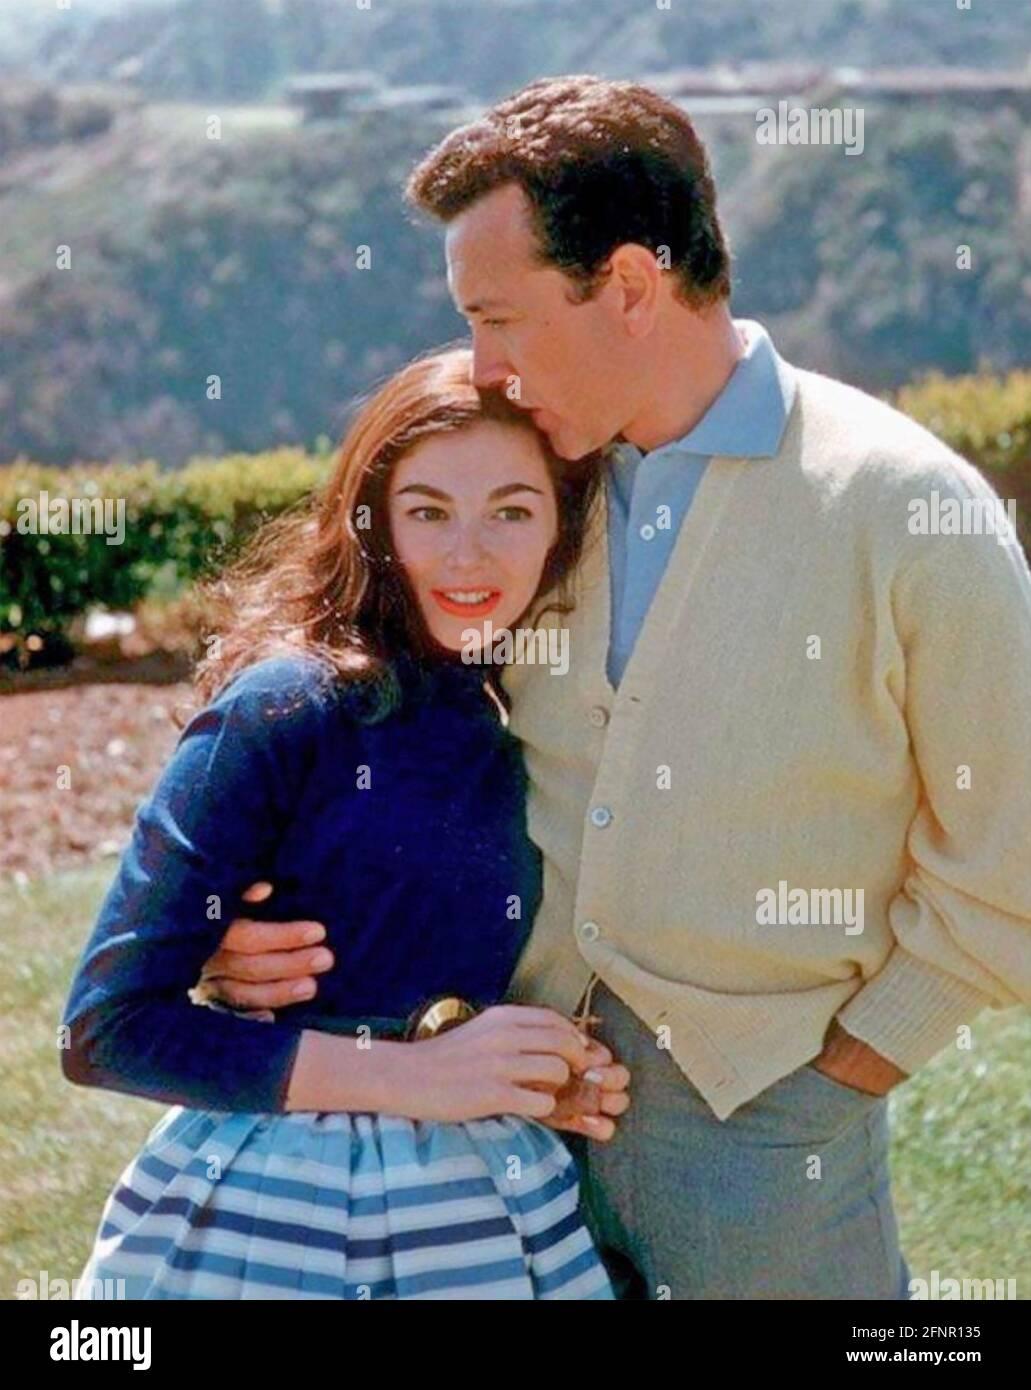 VIC DAMONE (1928-2018) chanteur américain, acteur de cinéma et présentateur de télévision avec la première femme Pier Angeli vers 1955 Banque D'Images